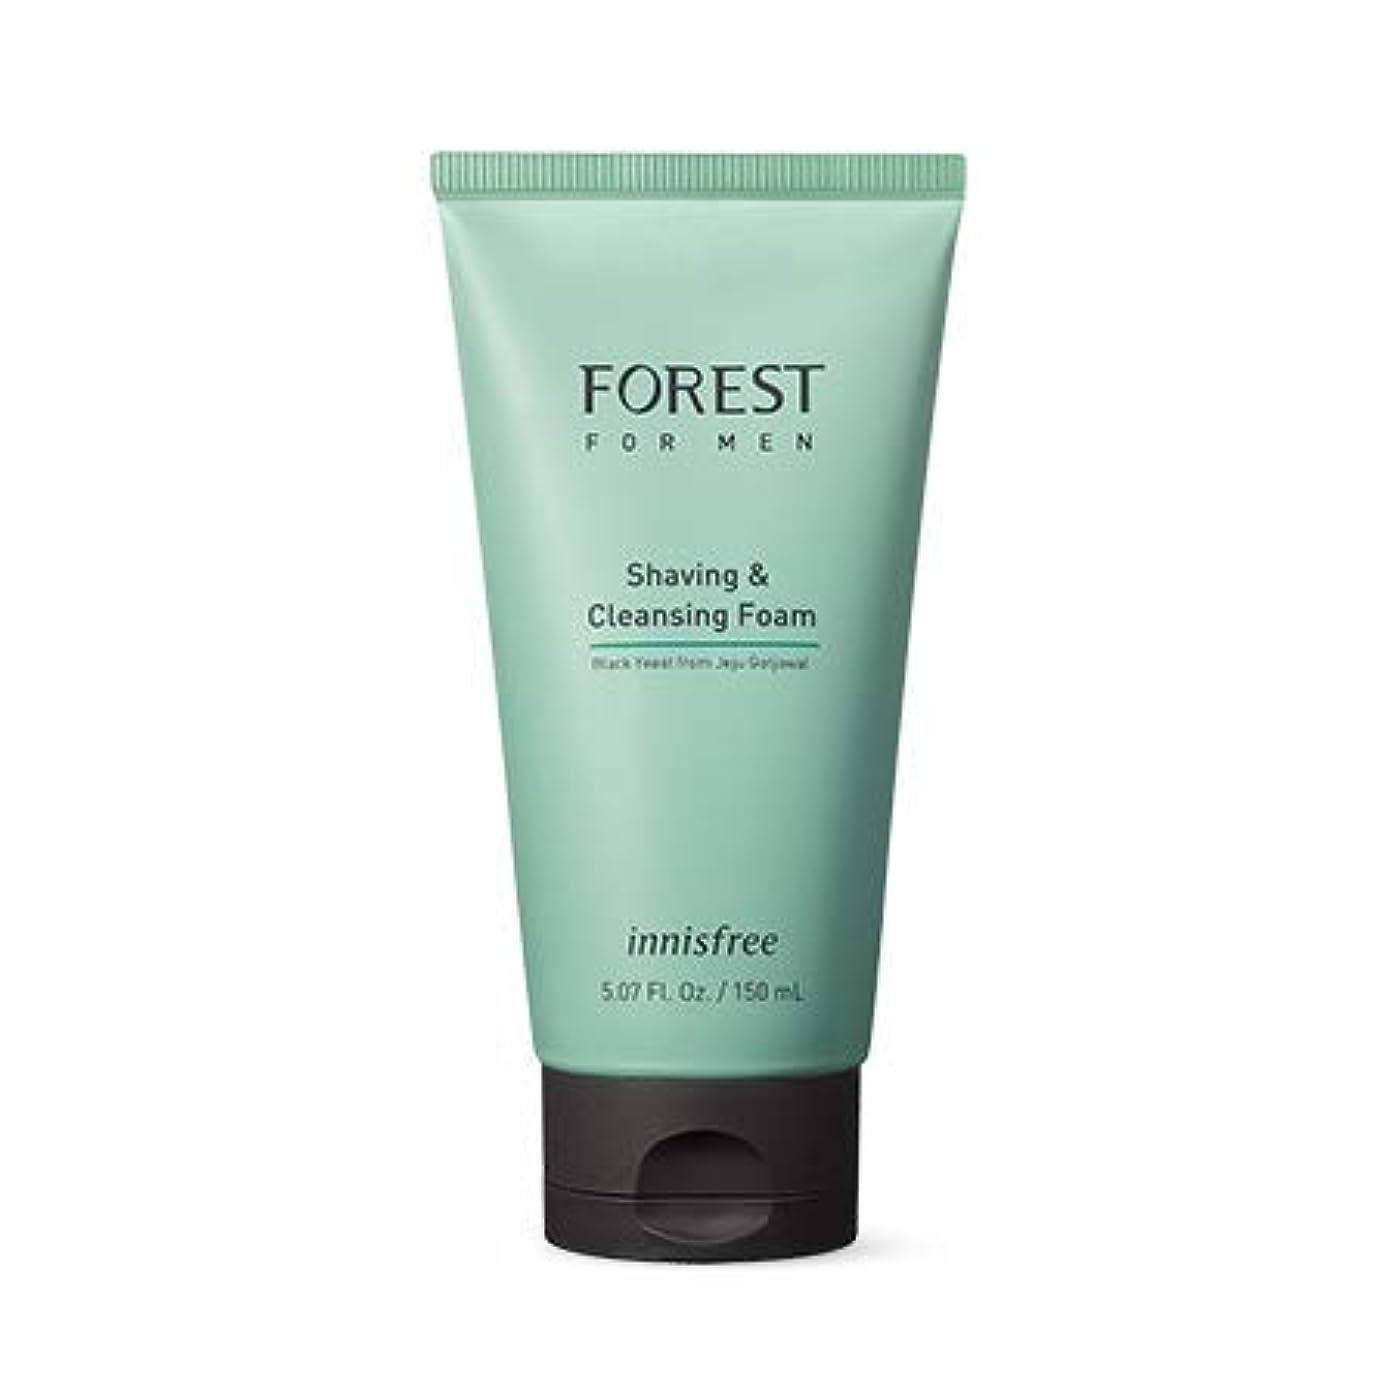 チョコレート焦げ微妙[イニスフリー.innisfree]フォレストフォアマンシェービング&クレンジングフォーム150mL(2019.05新製品)/ Forest for Men Shaving&Cleansing Foam